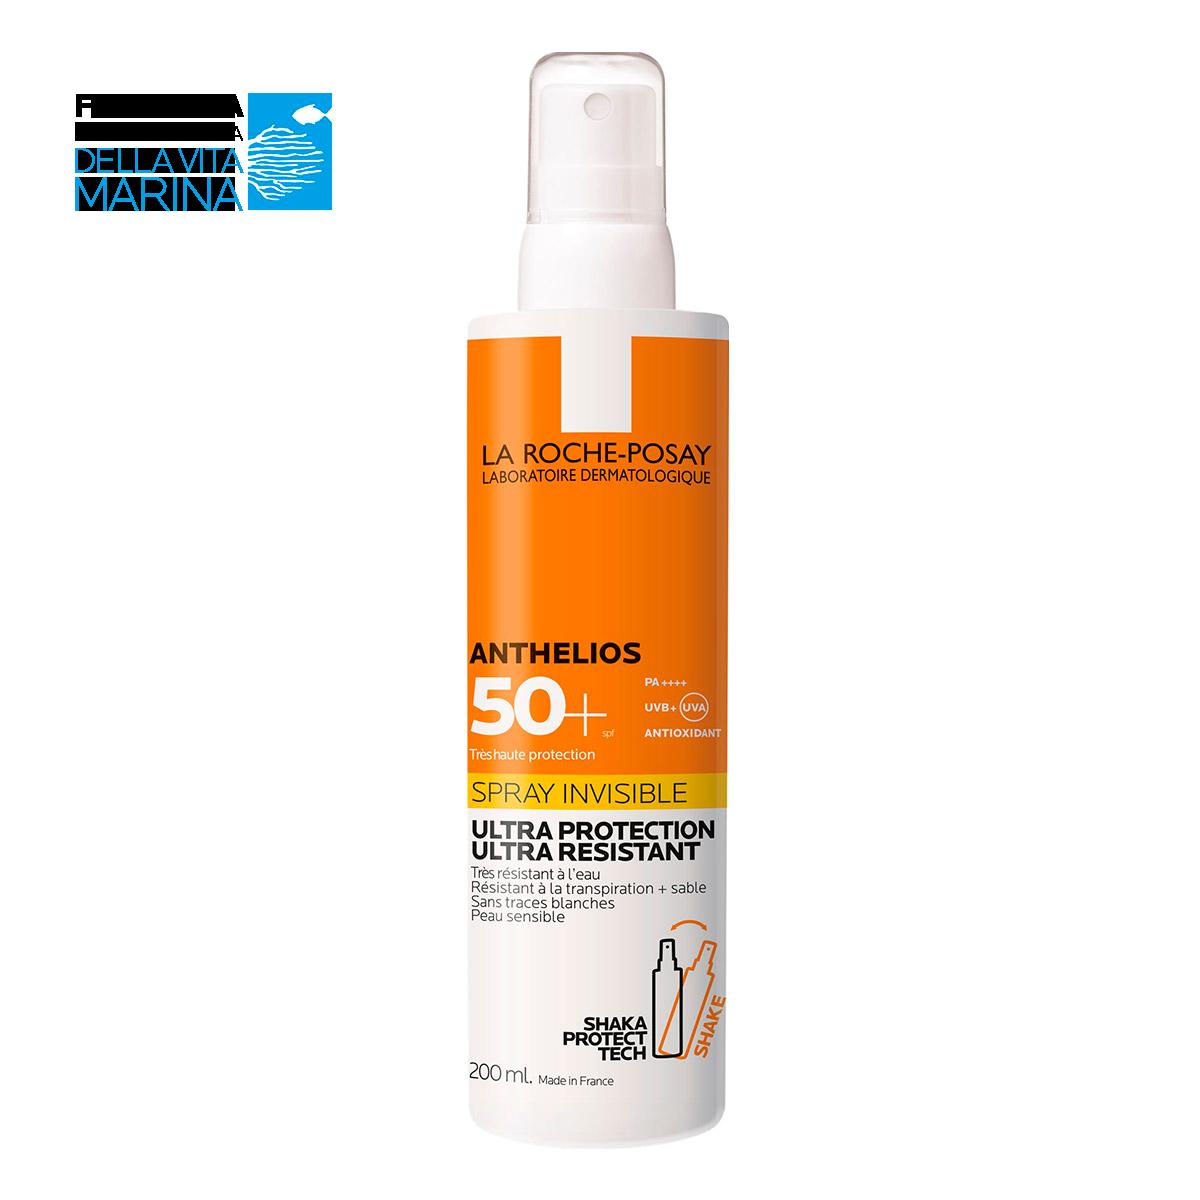 Confezione Anthelios Invisible Spray SPF50+ su sfondo bianco